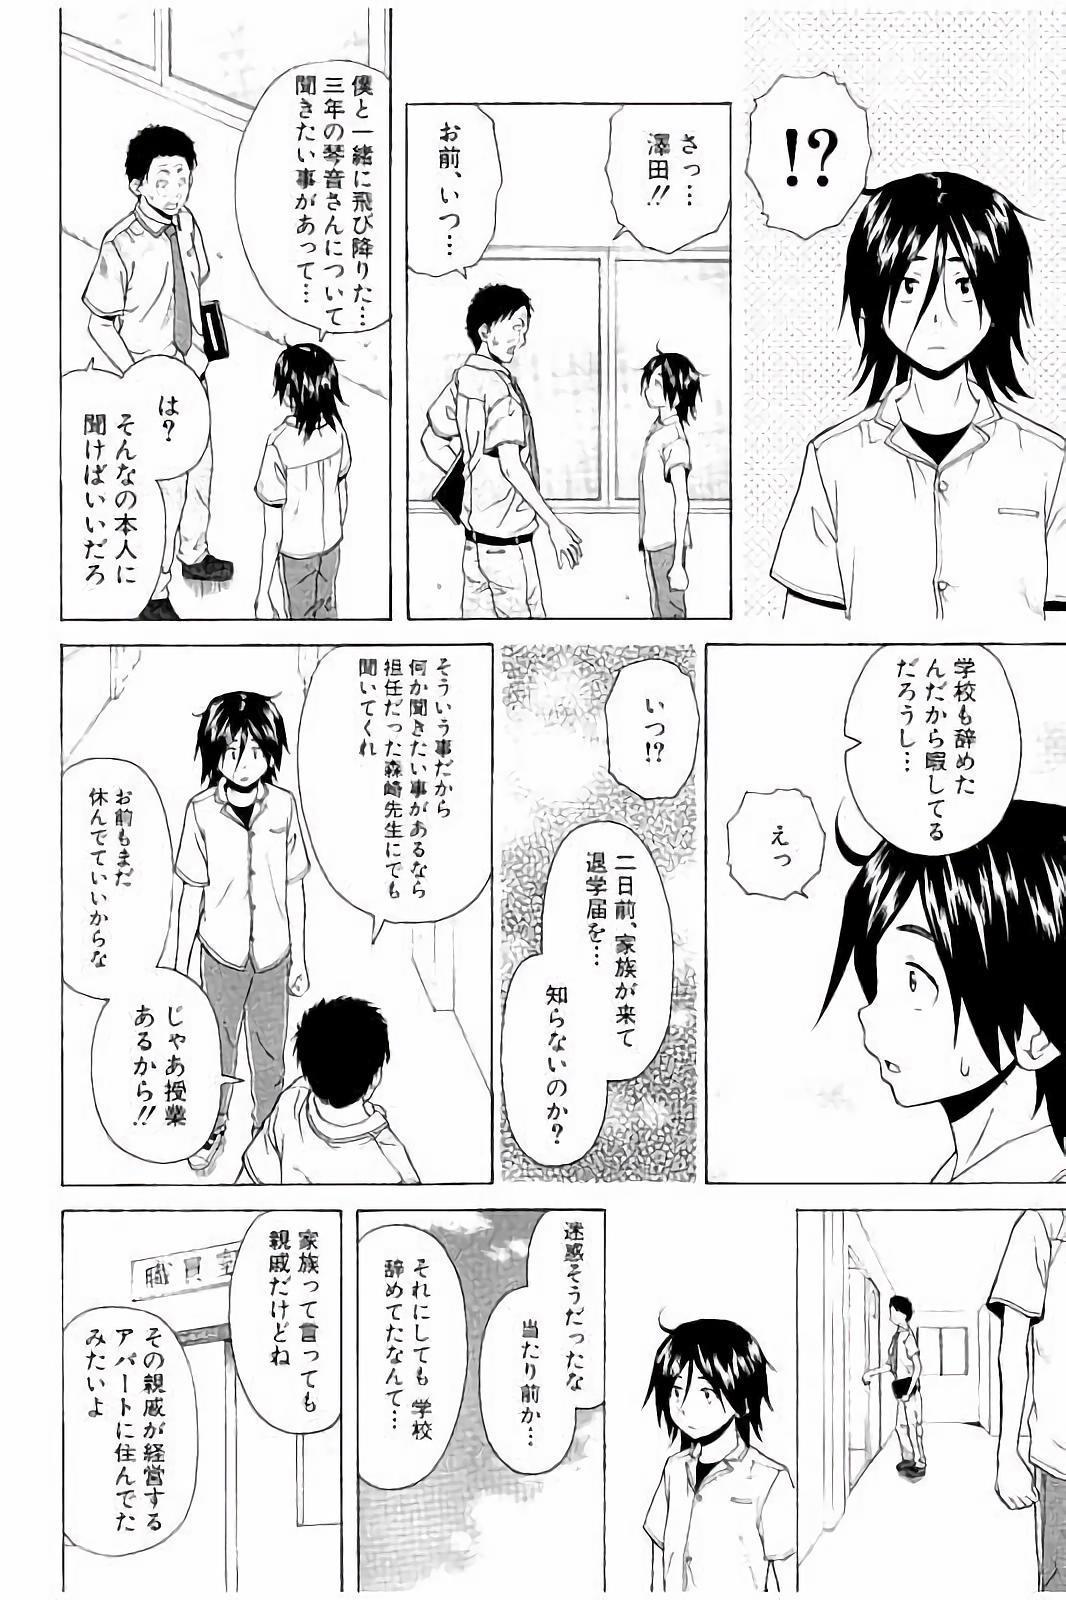 Ane no Himitsu To Boku no Jisatsu 187